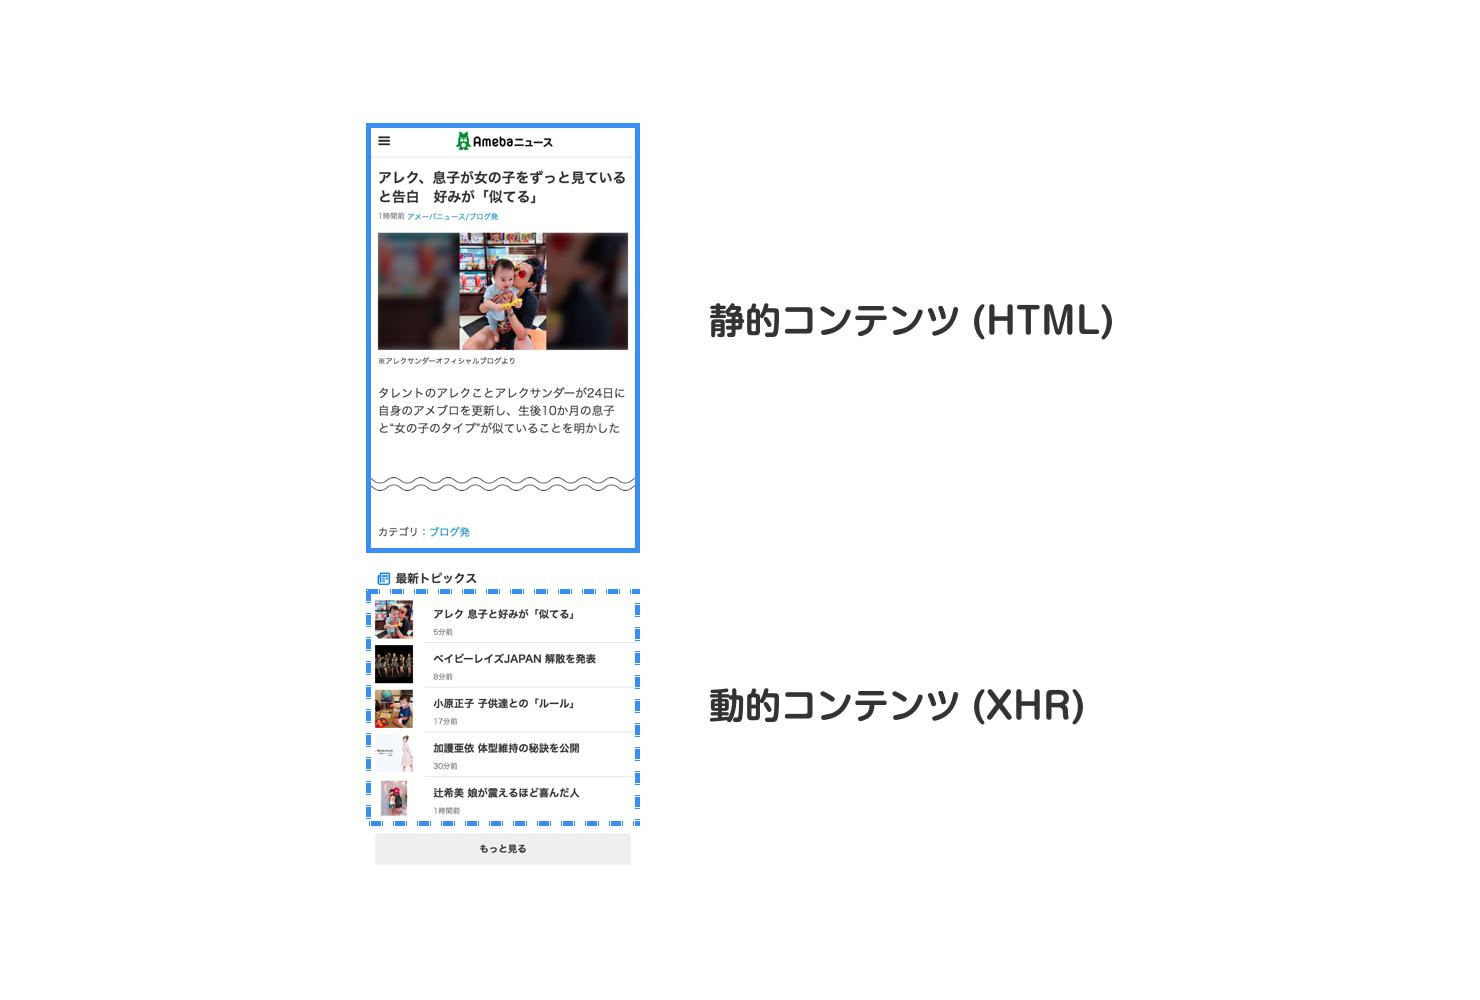 記事ページのスクリーンショット。ページ上部の記事は静的コンテンツとしてHTML内に埋め込み、ページ下部の動的コンテンツはXHR取得で表示。